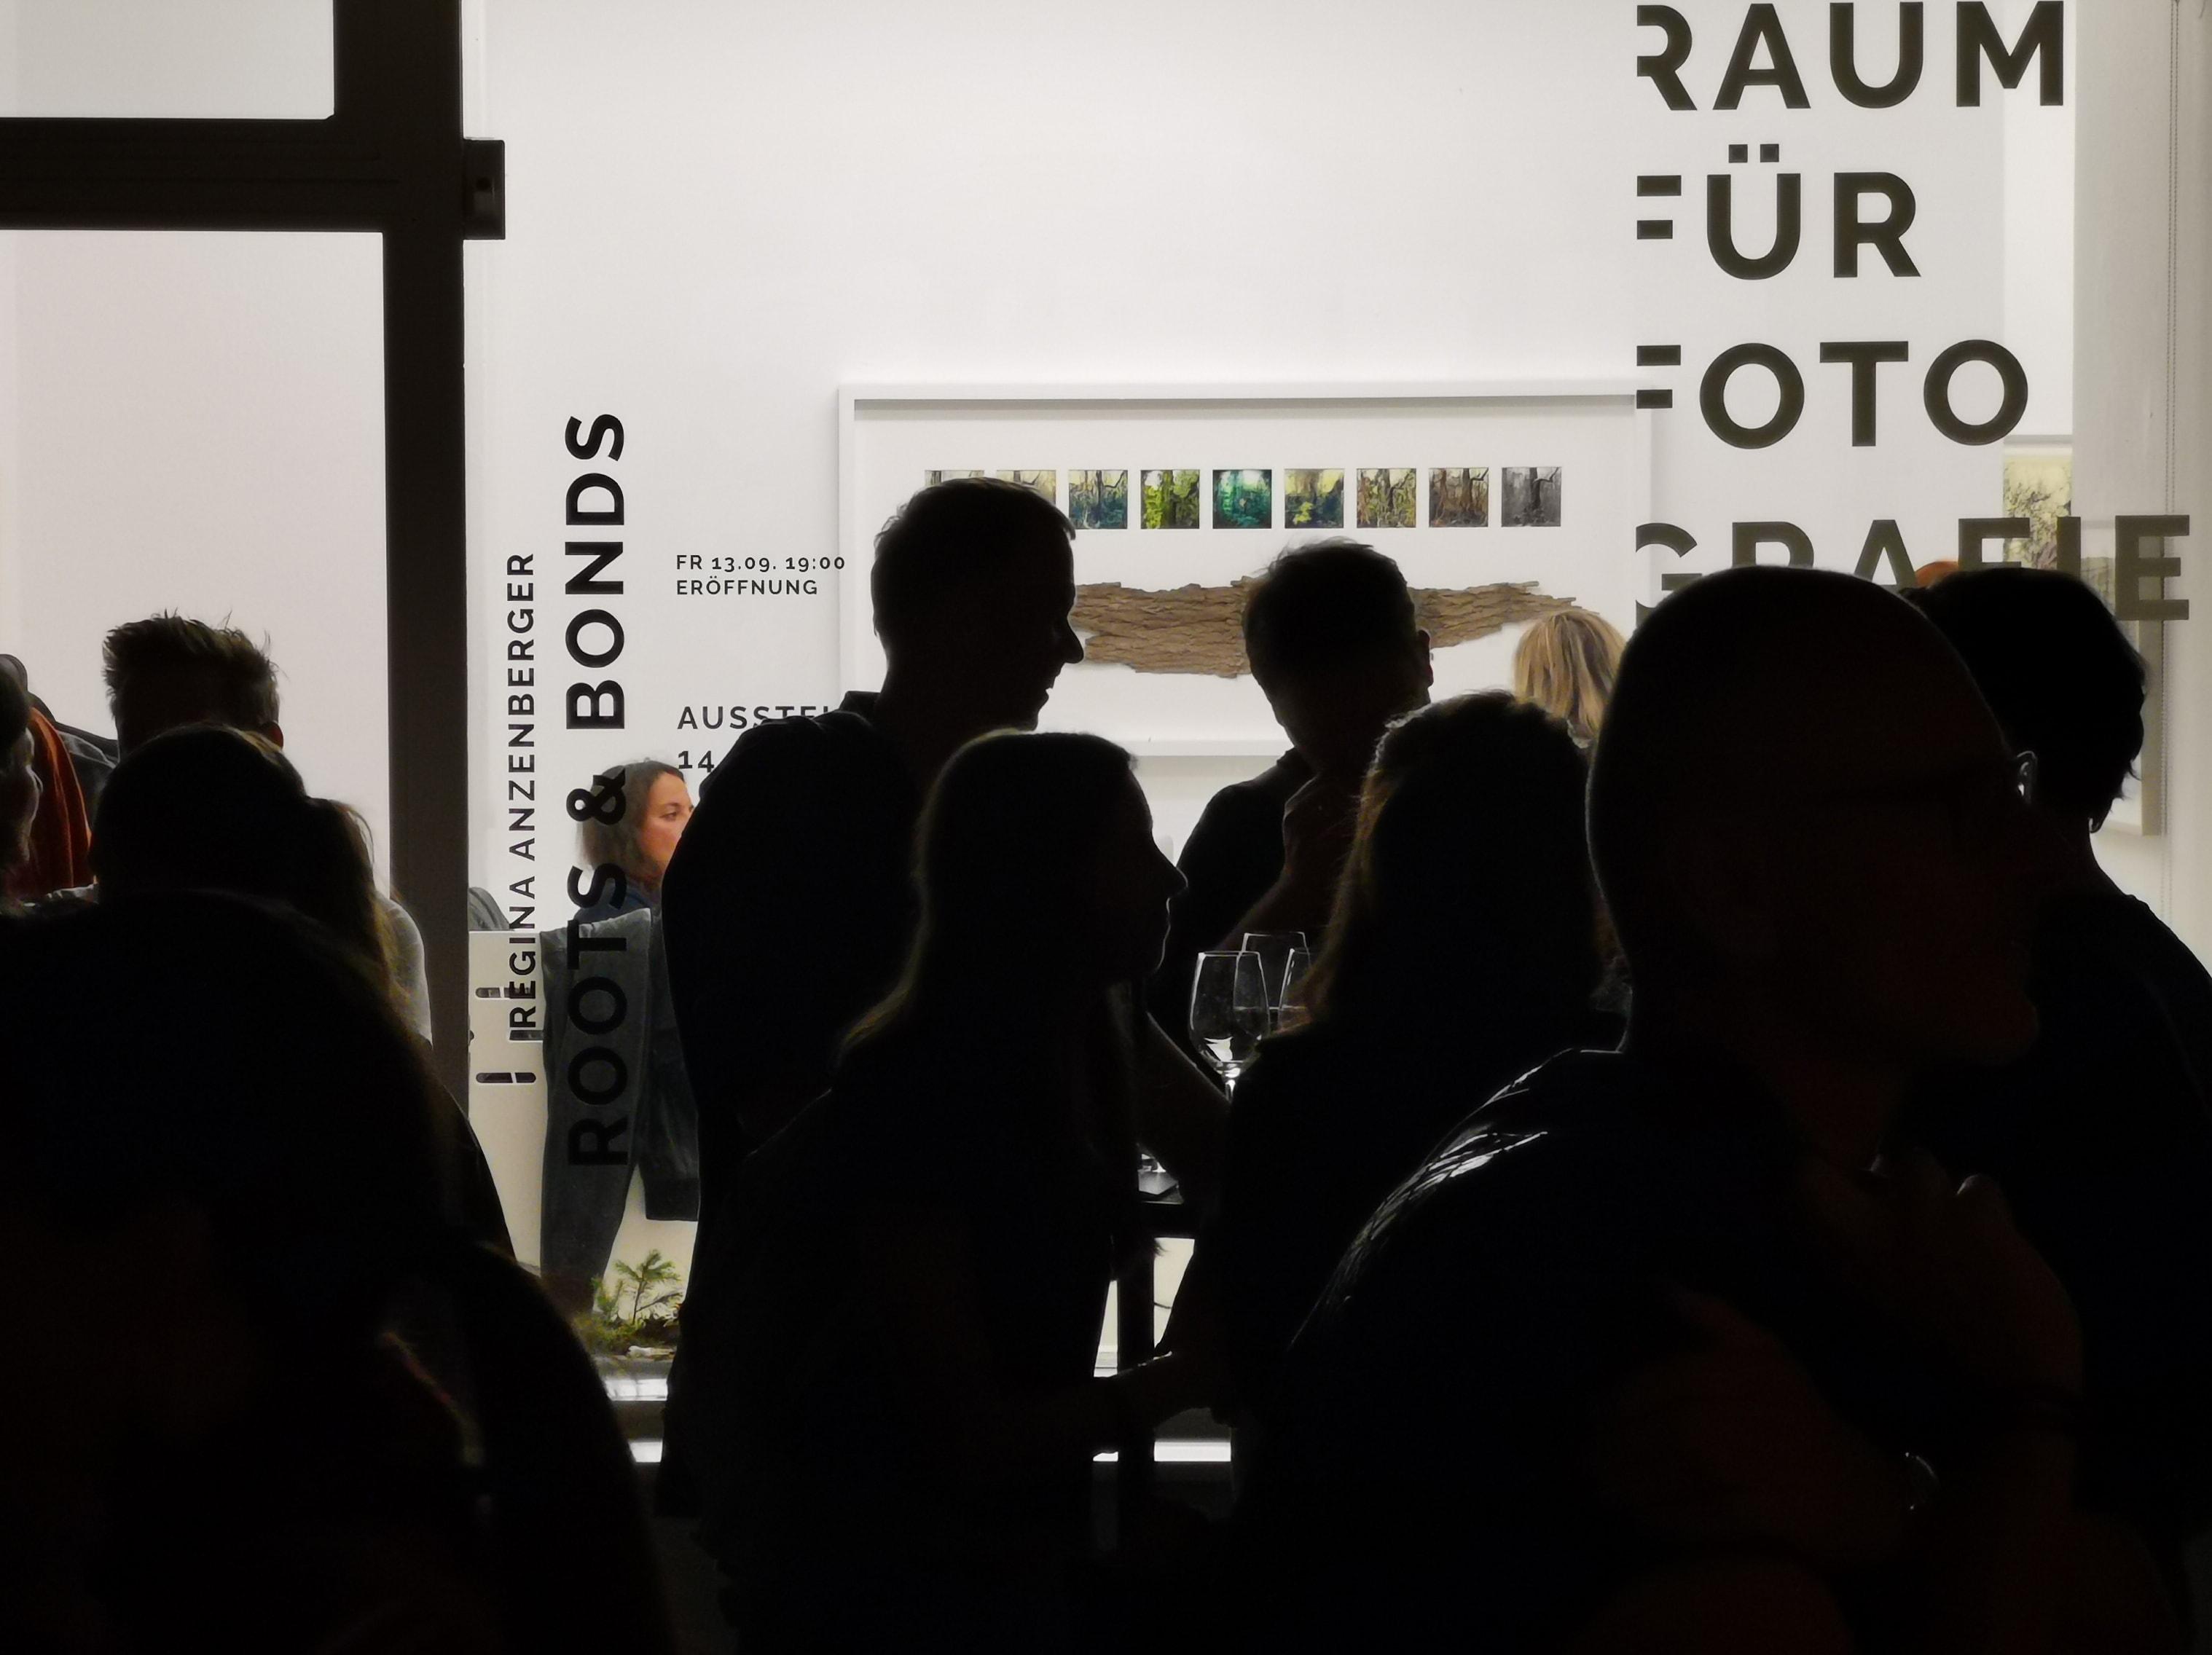 Raum für Fotografie - Eröffnung der Ausstellung roots&bonds 2019